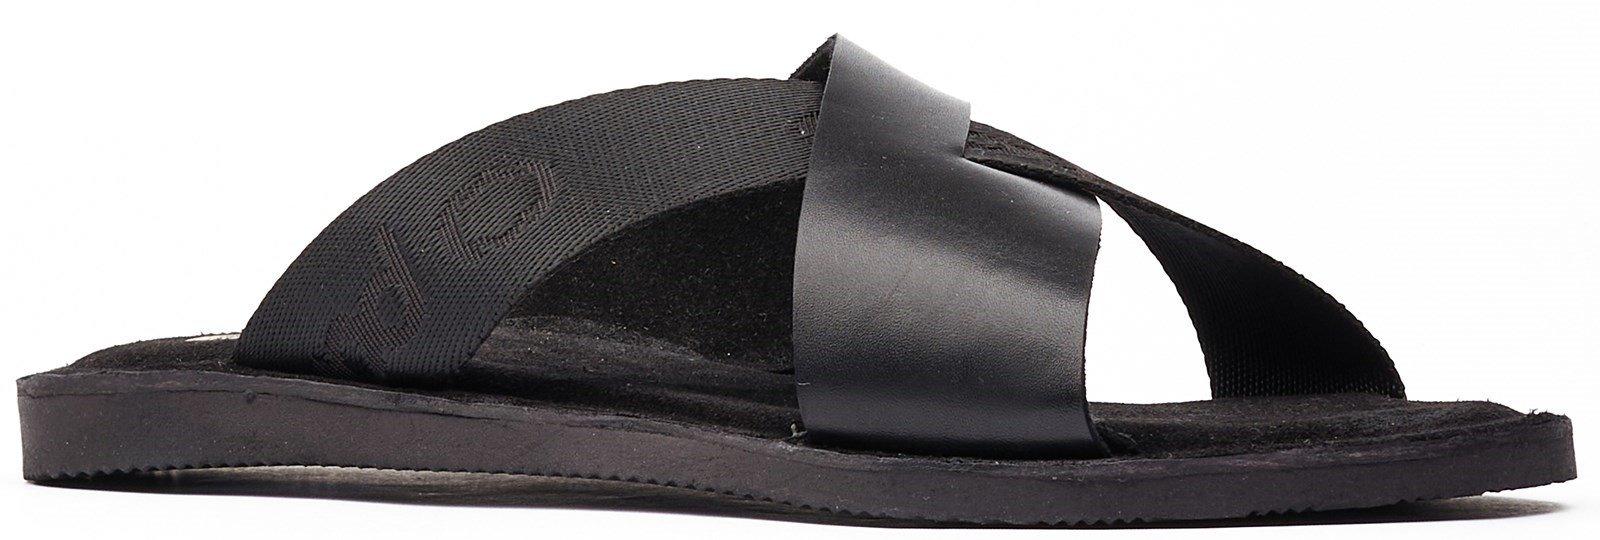 Base London Men's Miso Slip On Sandal Various Colours 32261 - Black 7